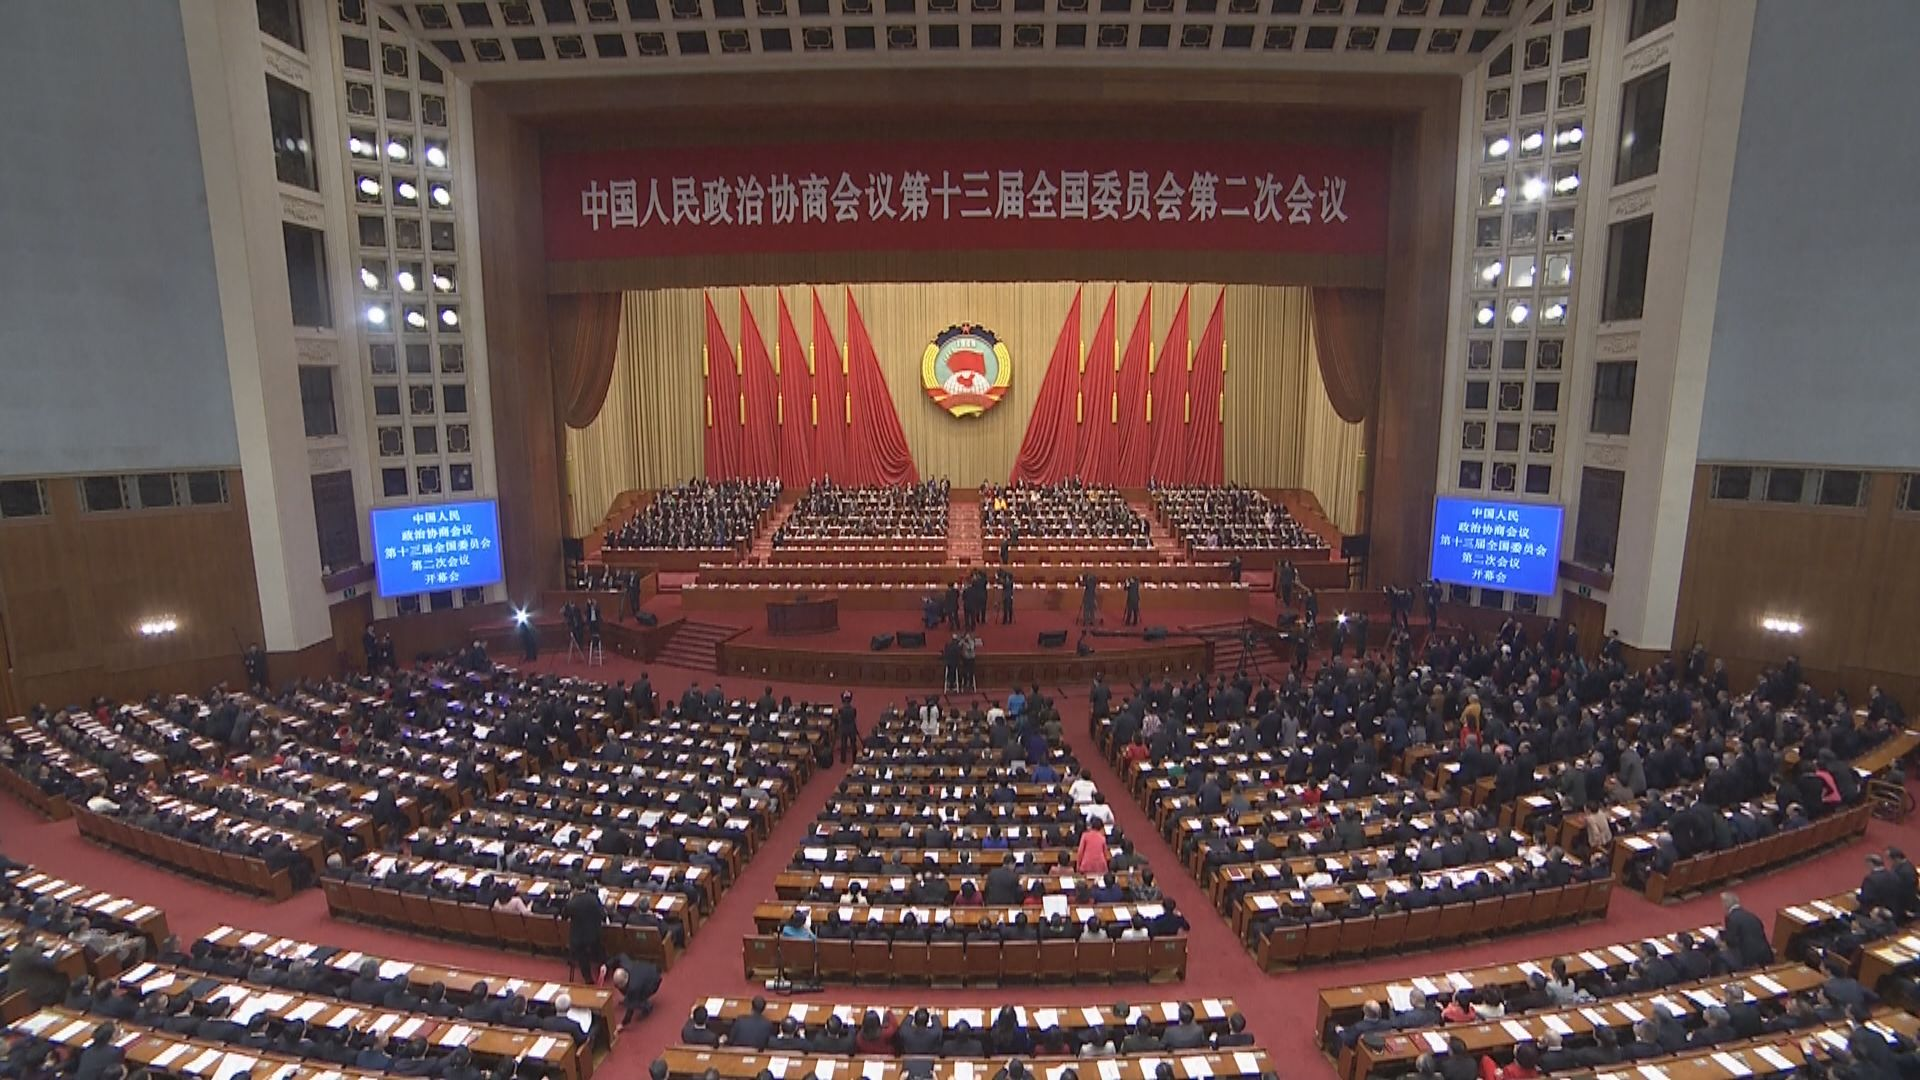 消息:全國政協會議下月21日北京召開 會期壓縮至一周